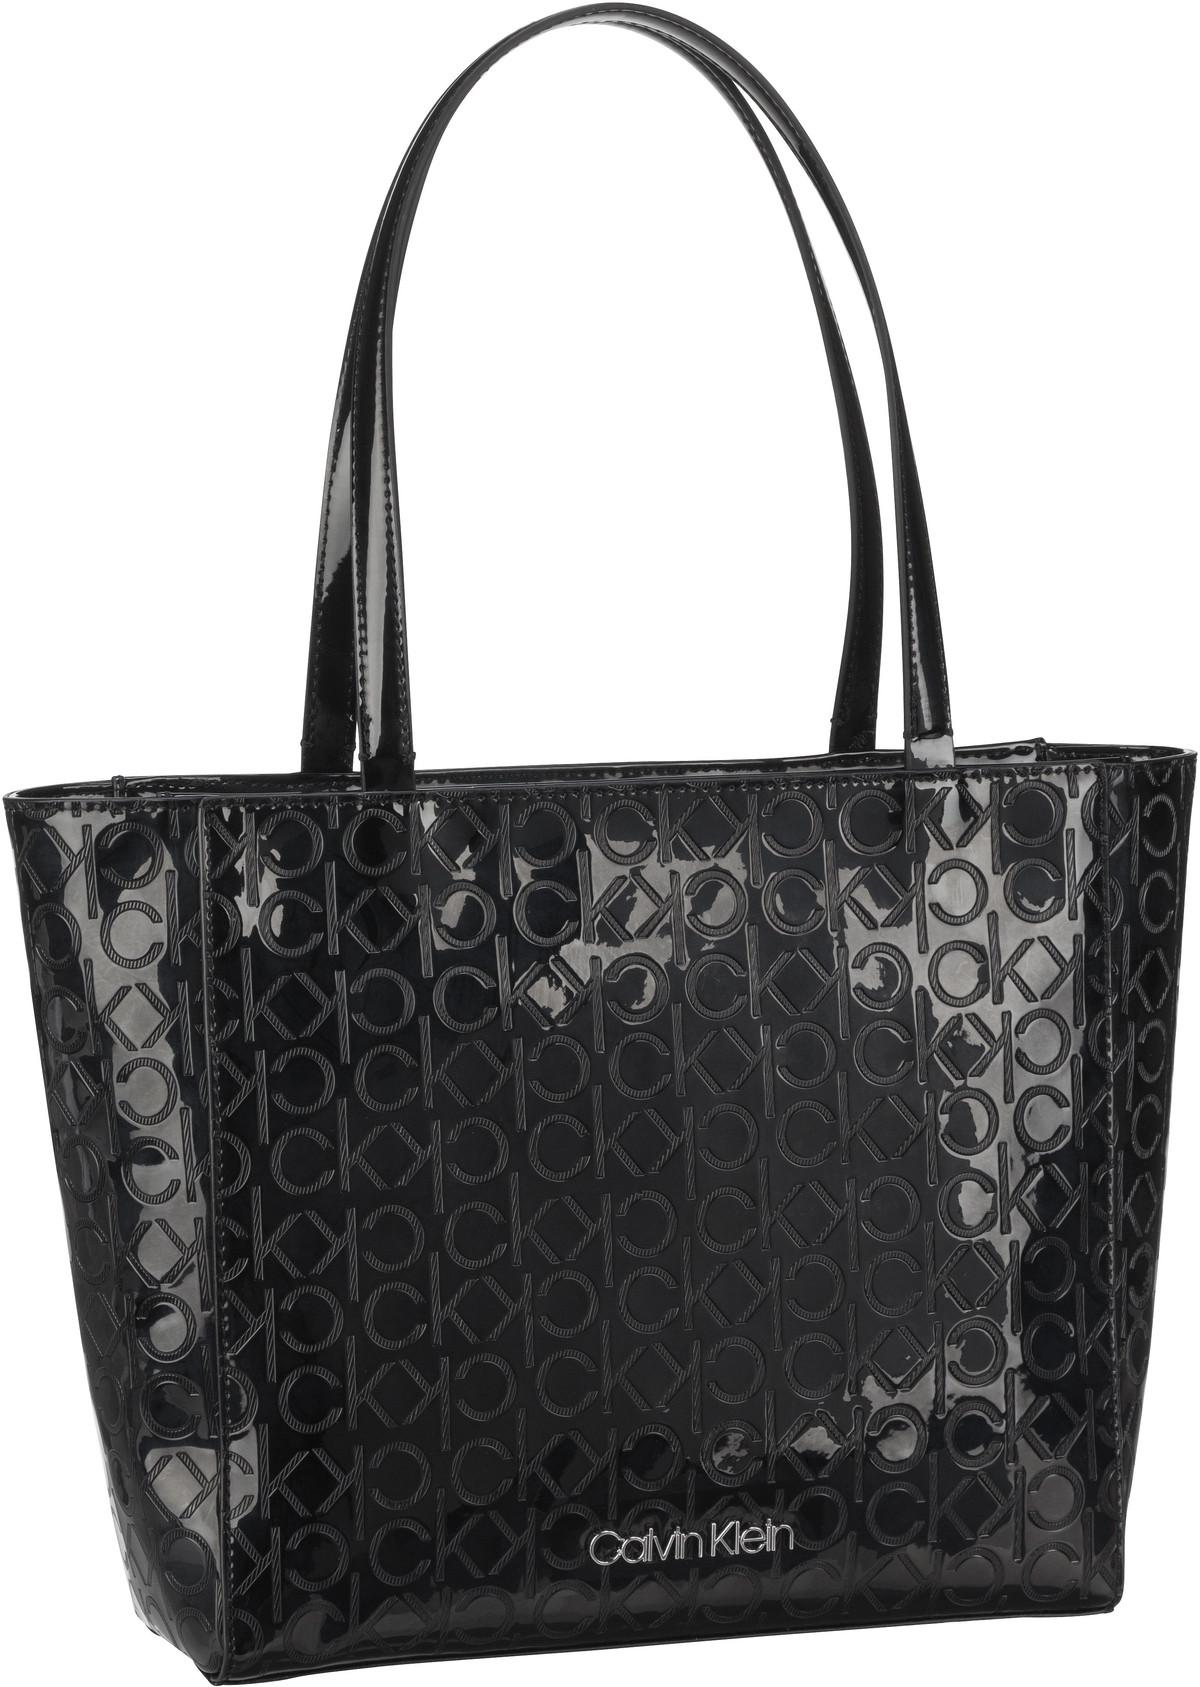 Handtasche CK Must EM Shopper SM PF20 Black